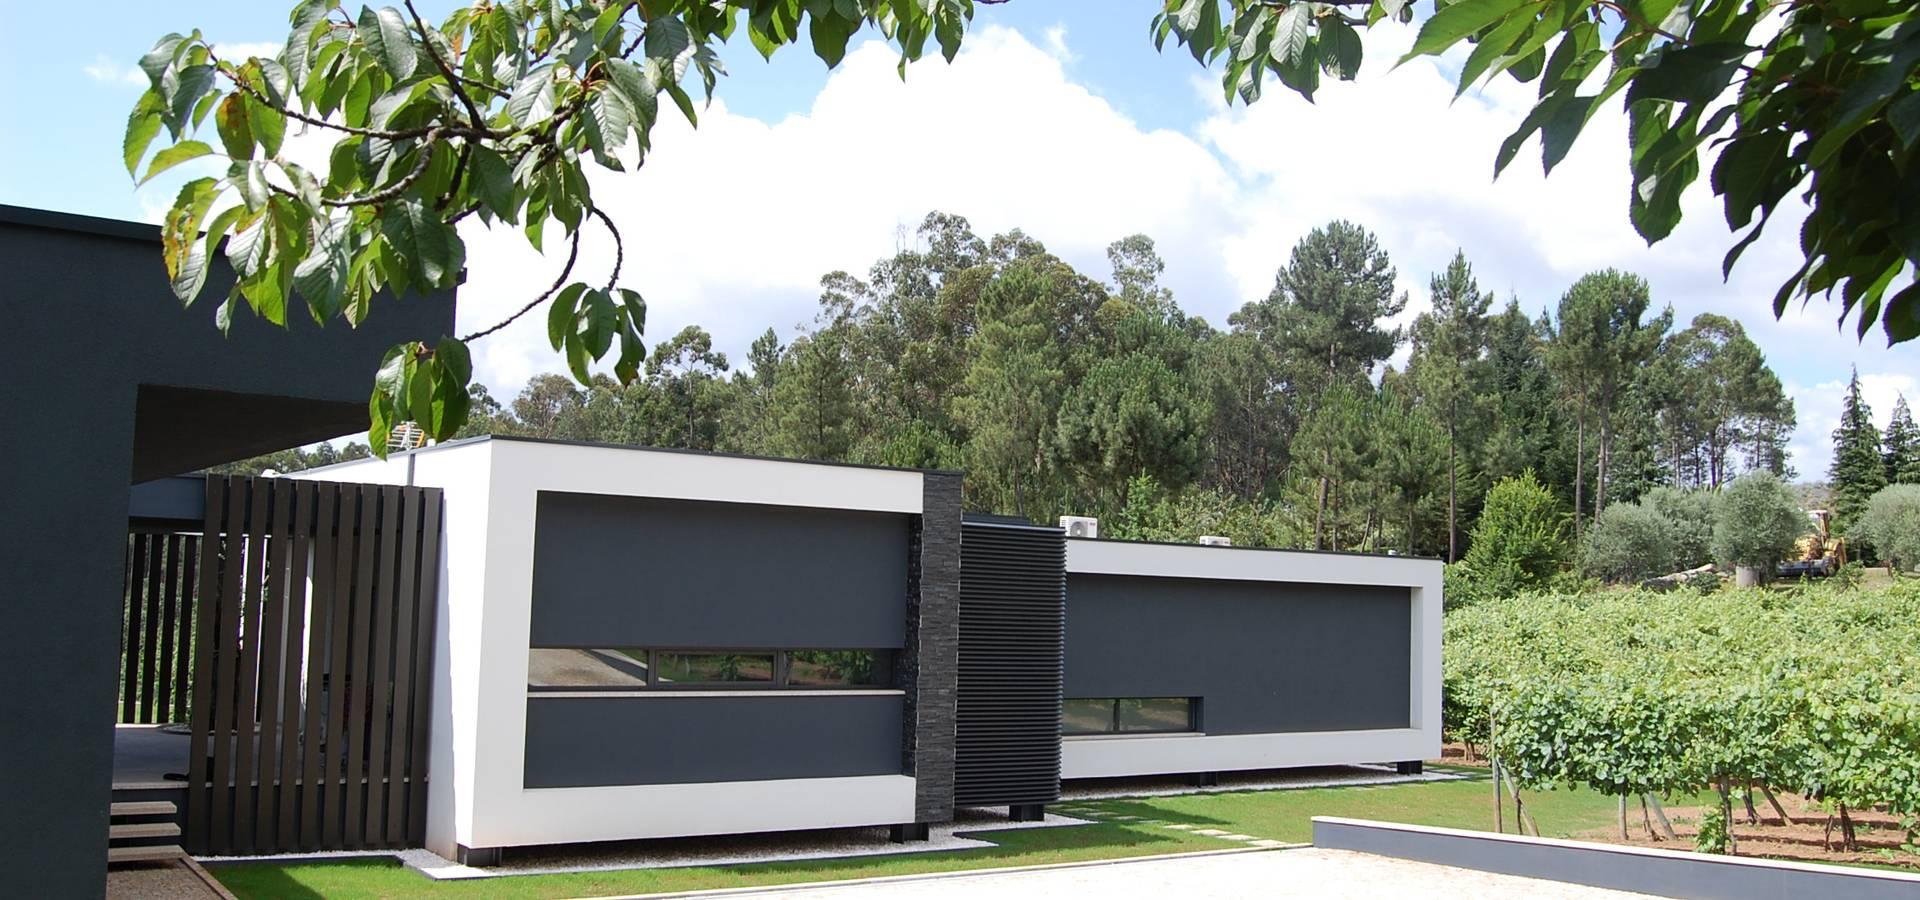 Engebasto – Atividades de Engenharia e Arquitetura, Lda